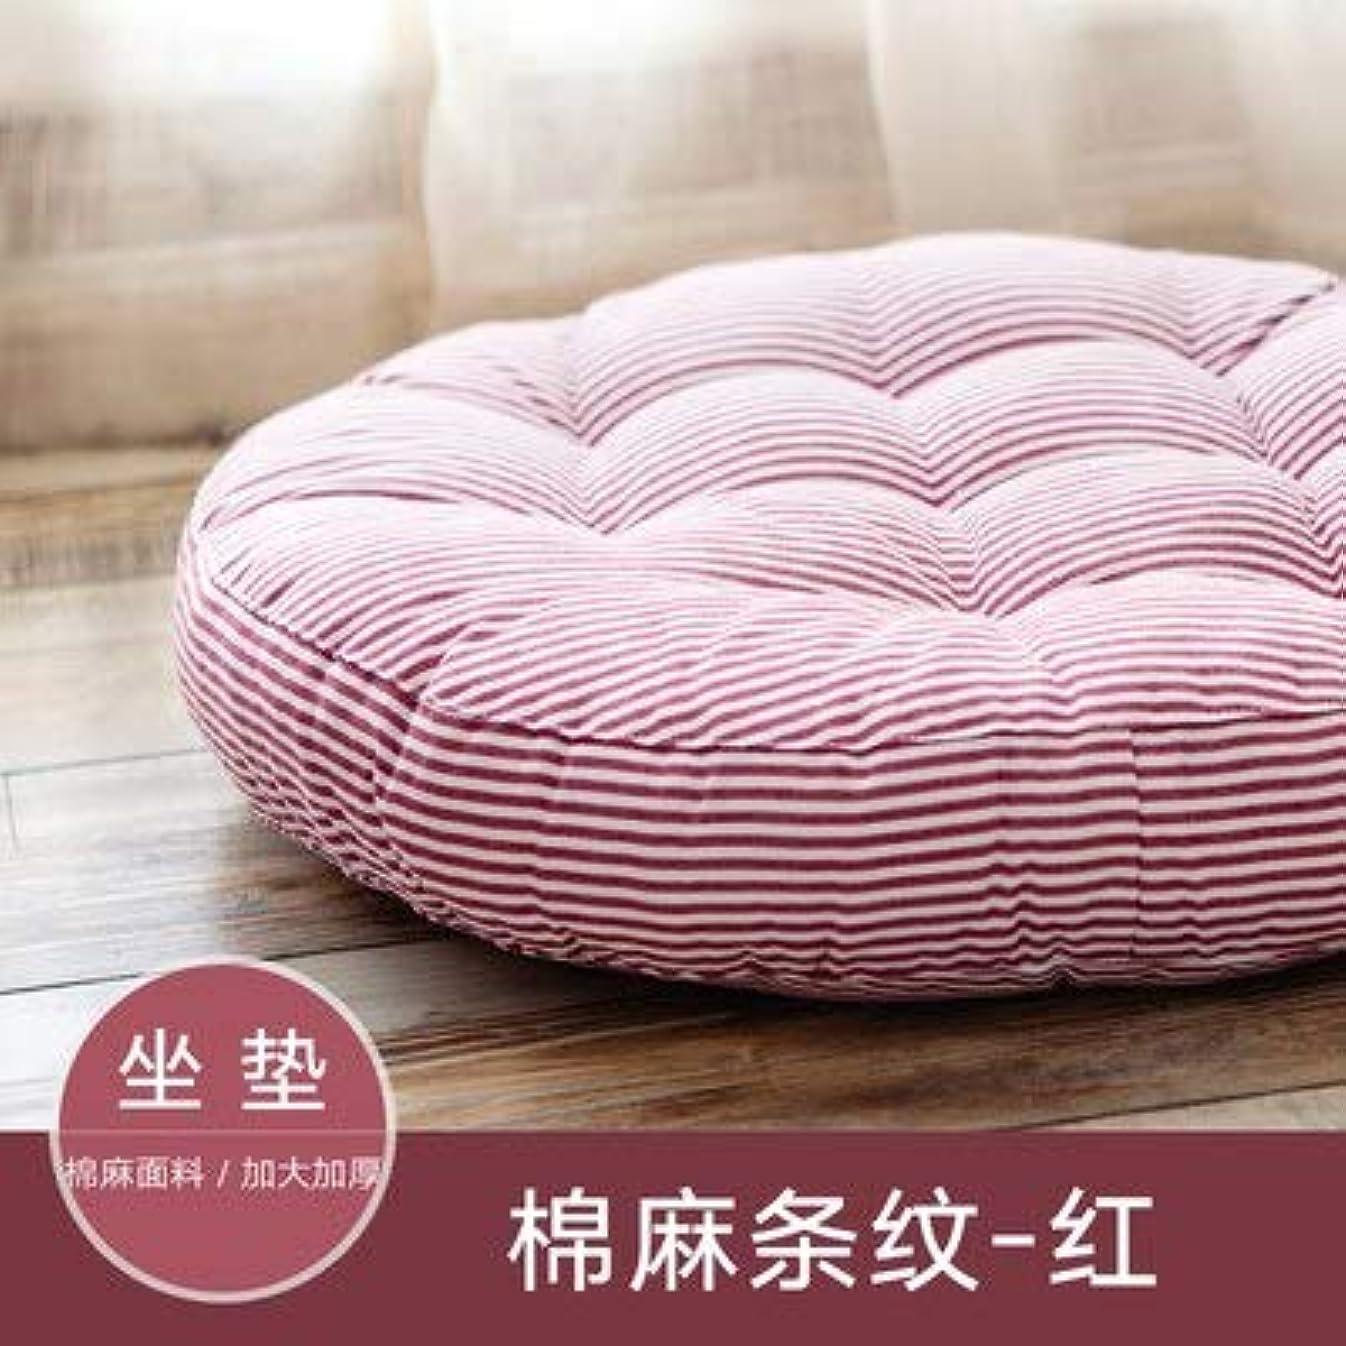 認可ネイティブシェードLIFE ラウンド厚い椅子のクッションフロアマットレスシートパッドソフトホームオフィスチェアクッションマットソフトスロー枕最高品質の床クッション クッション 椅子